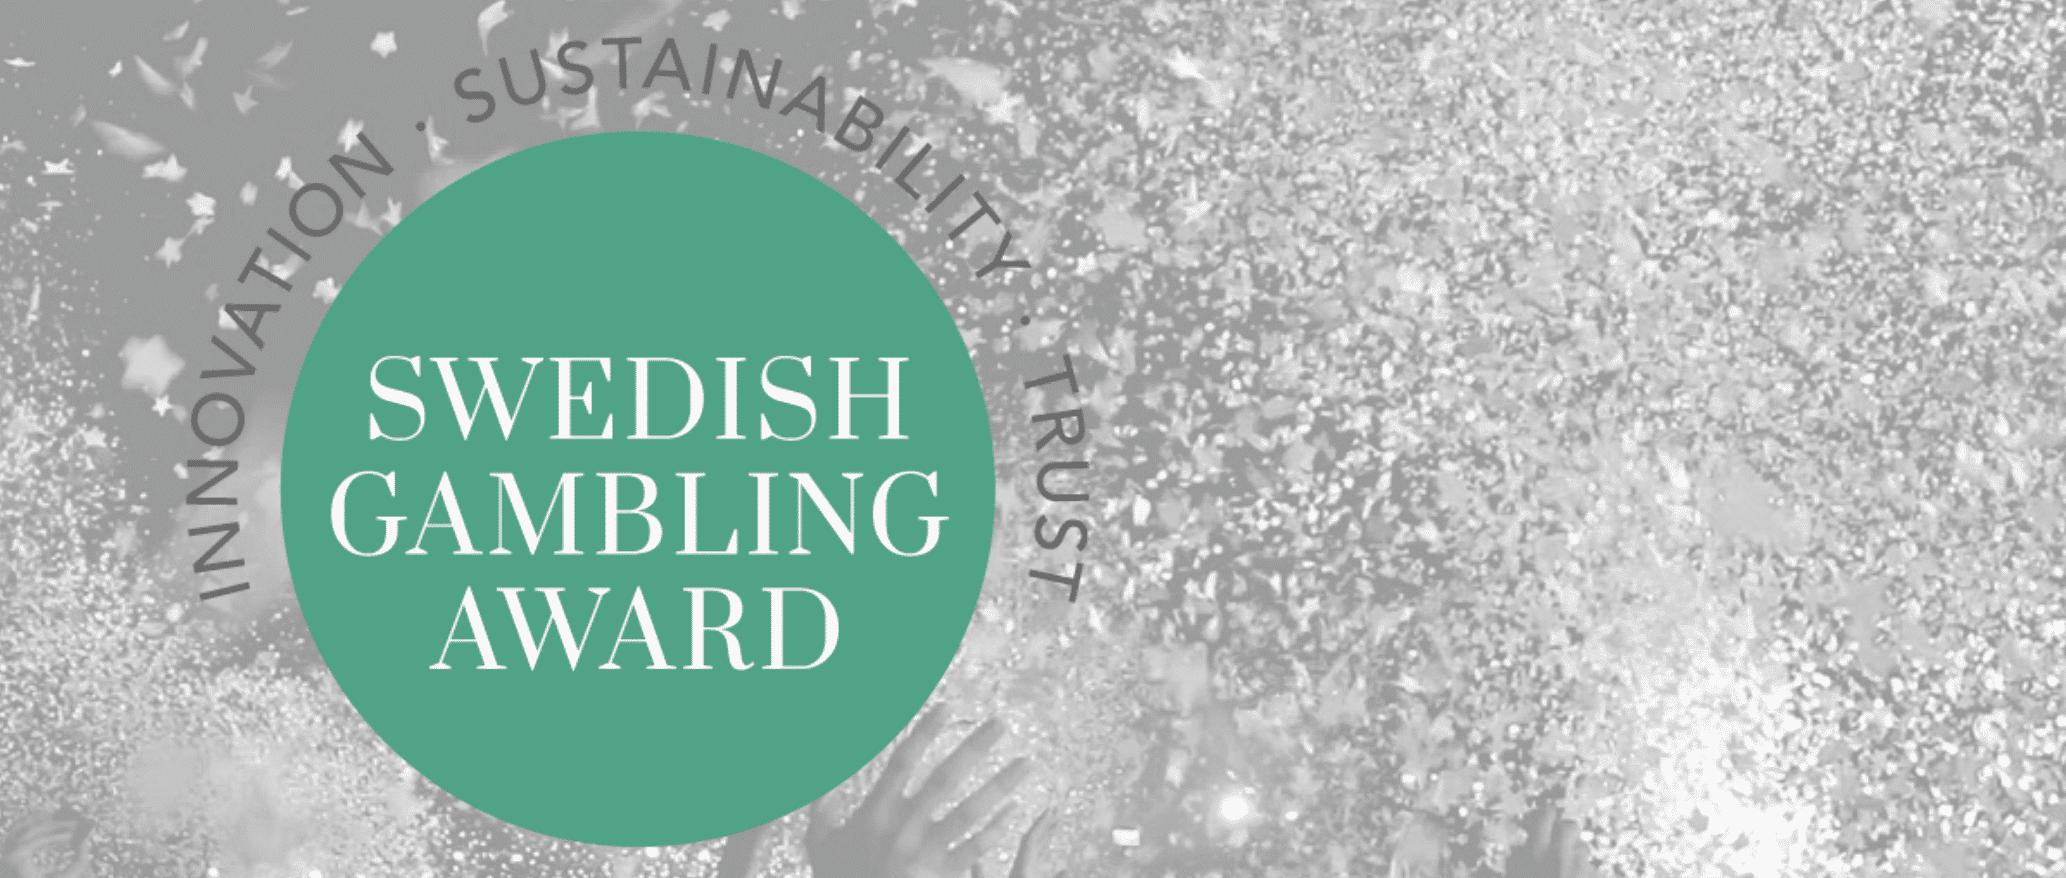 Swedish Gambling Award